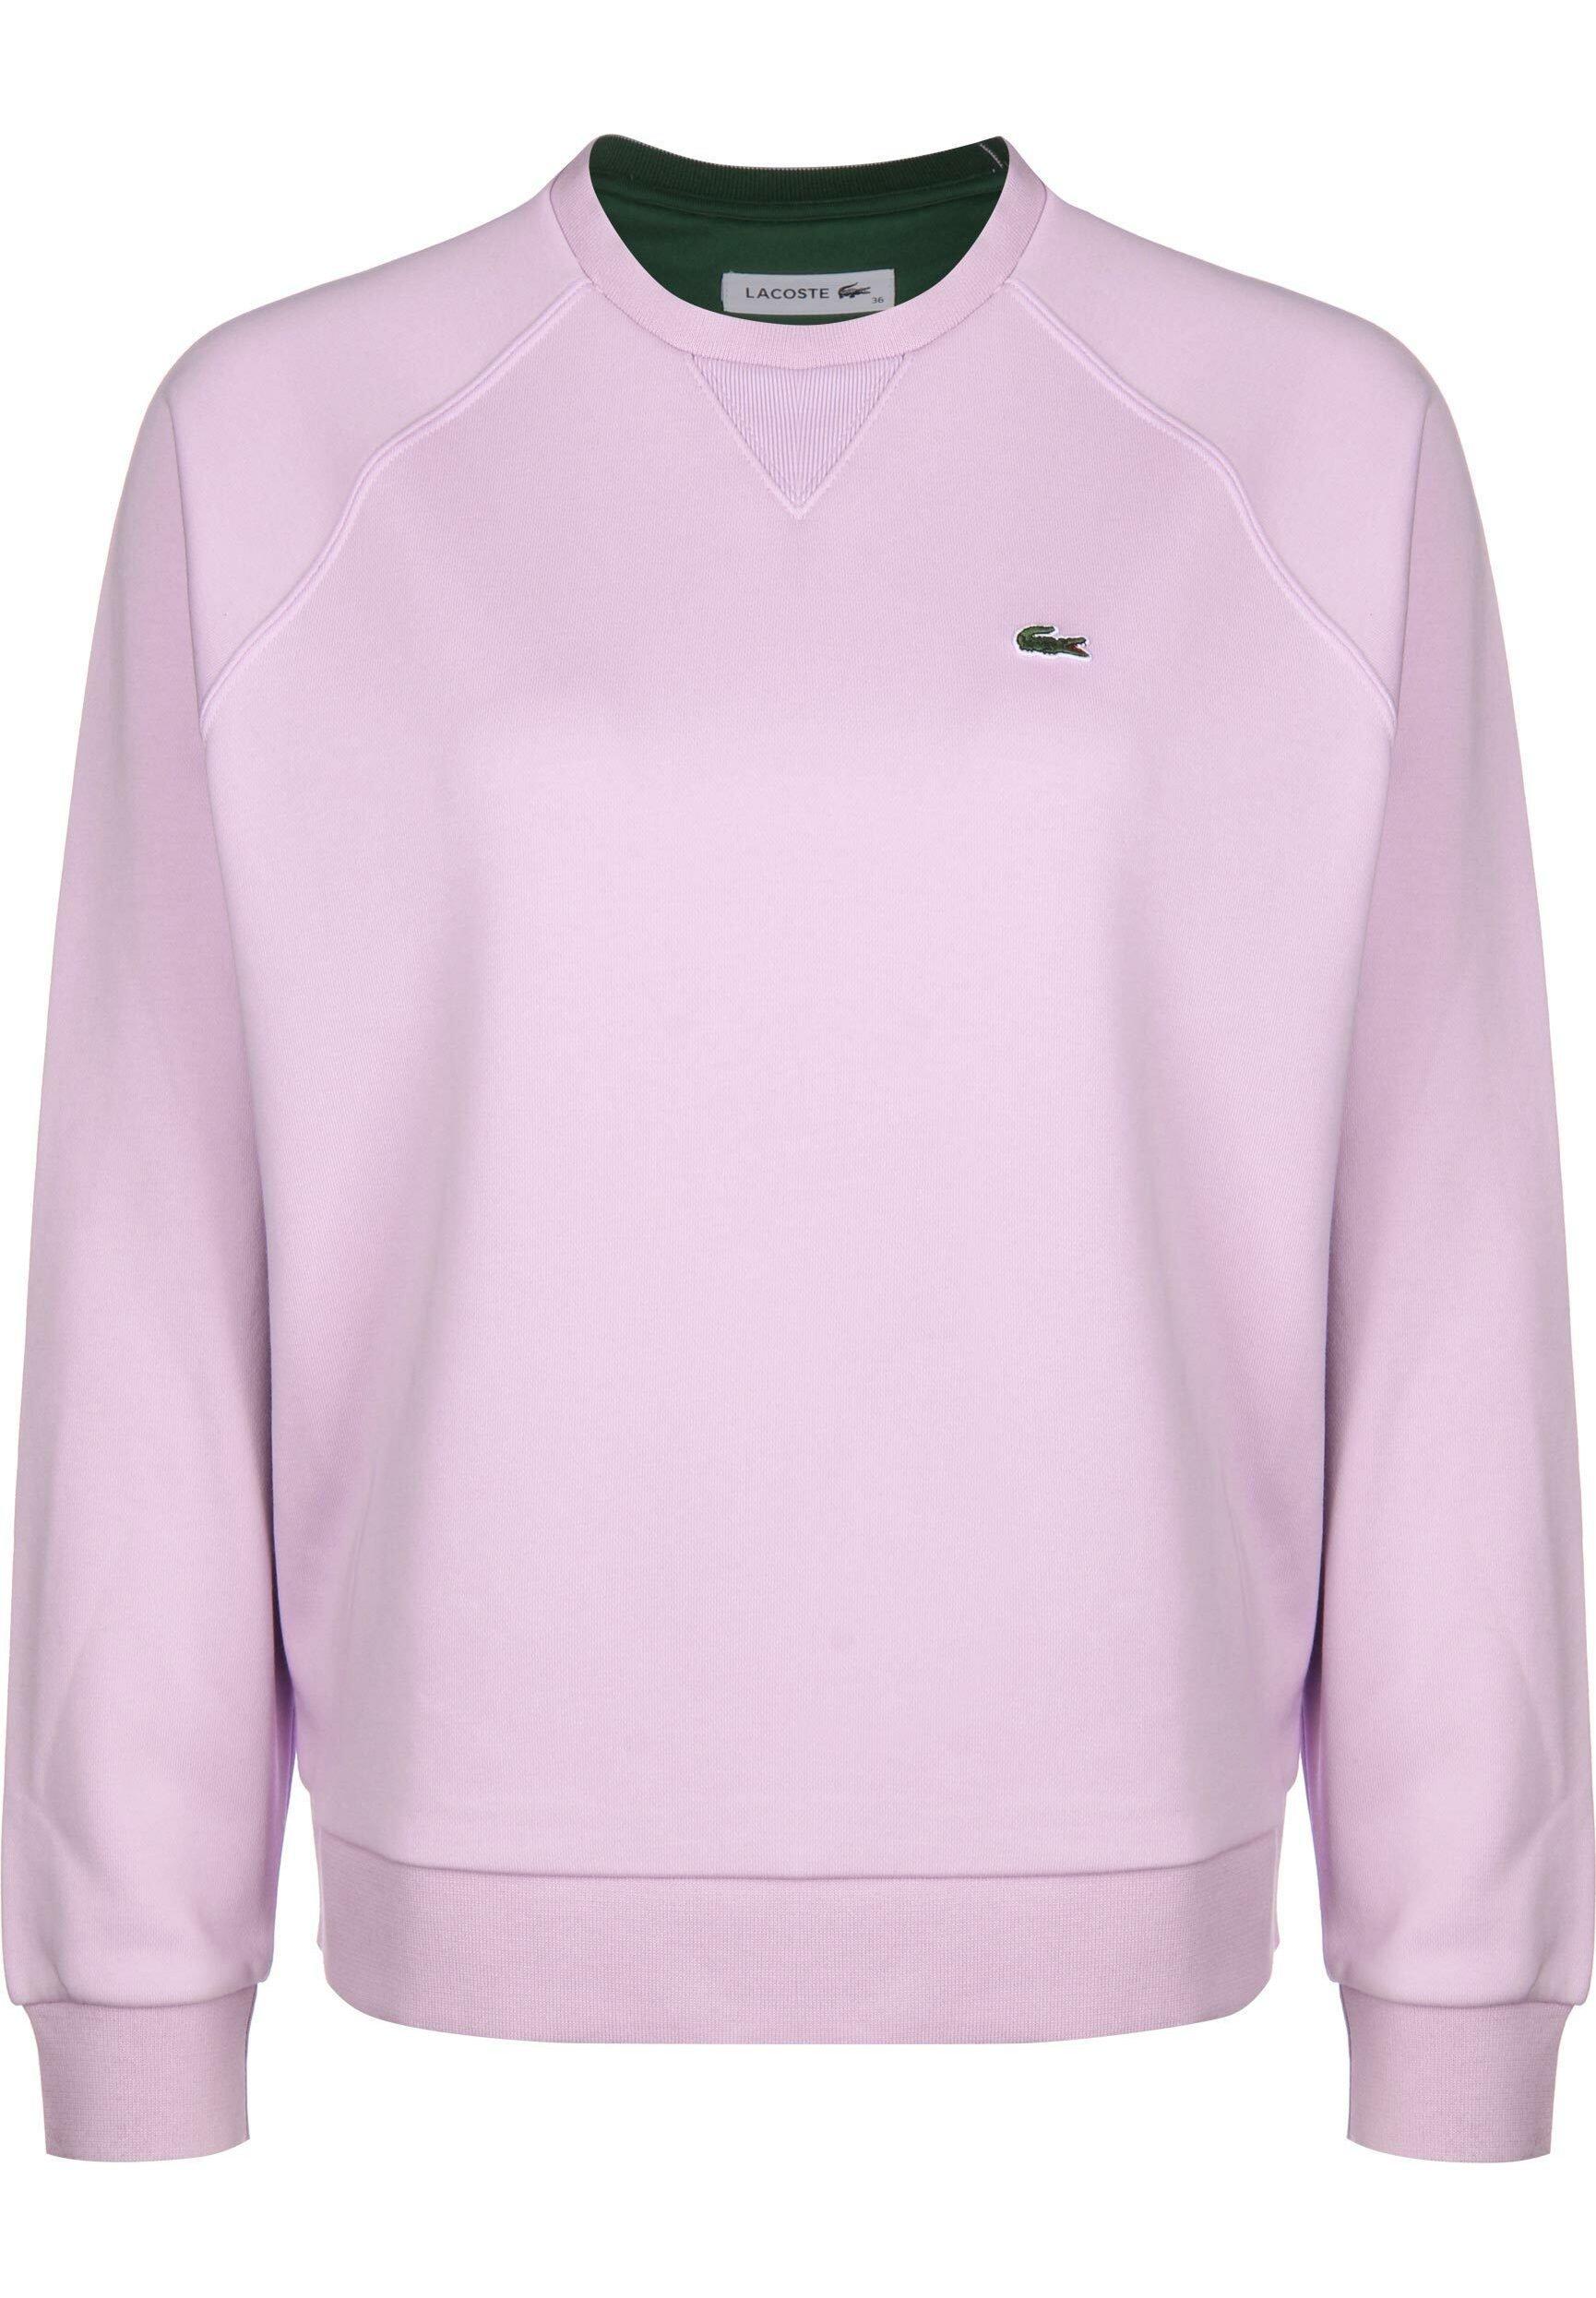 SWEATER SPORTSWEAR Sweatshirt purple